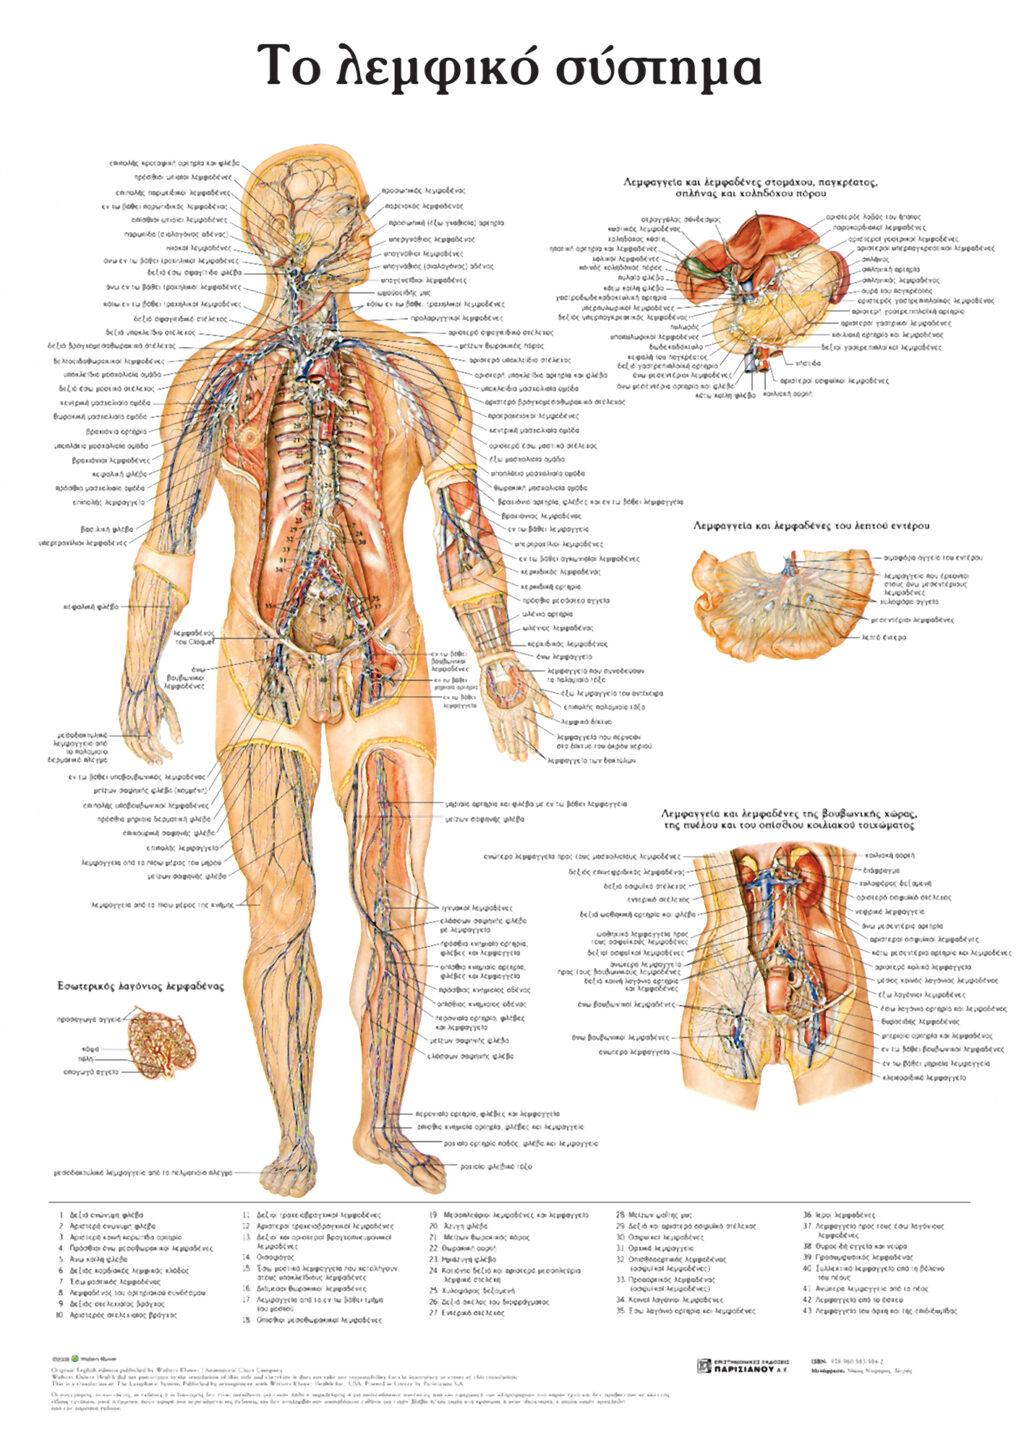 anatomikos-xarths-to-lemfiko-systhma